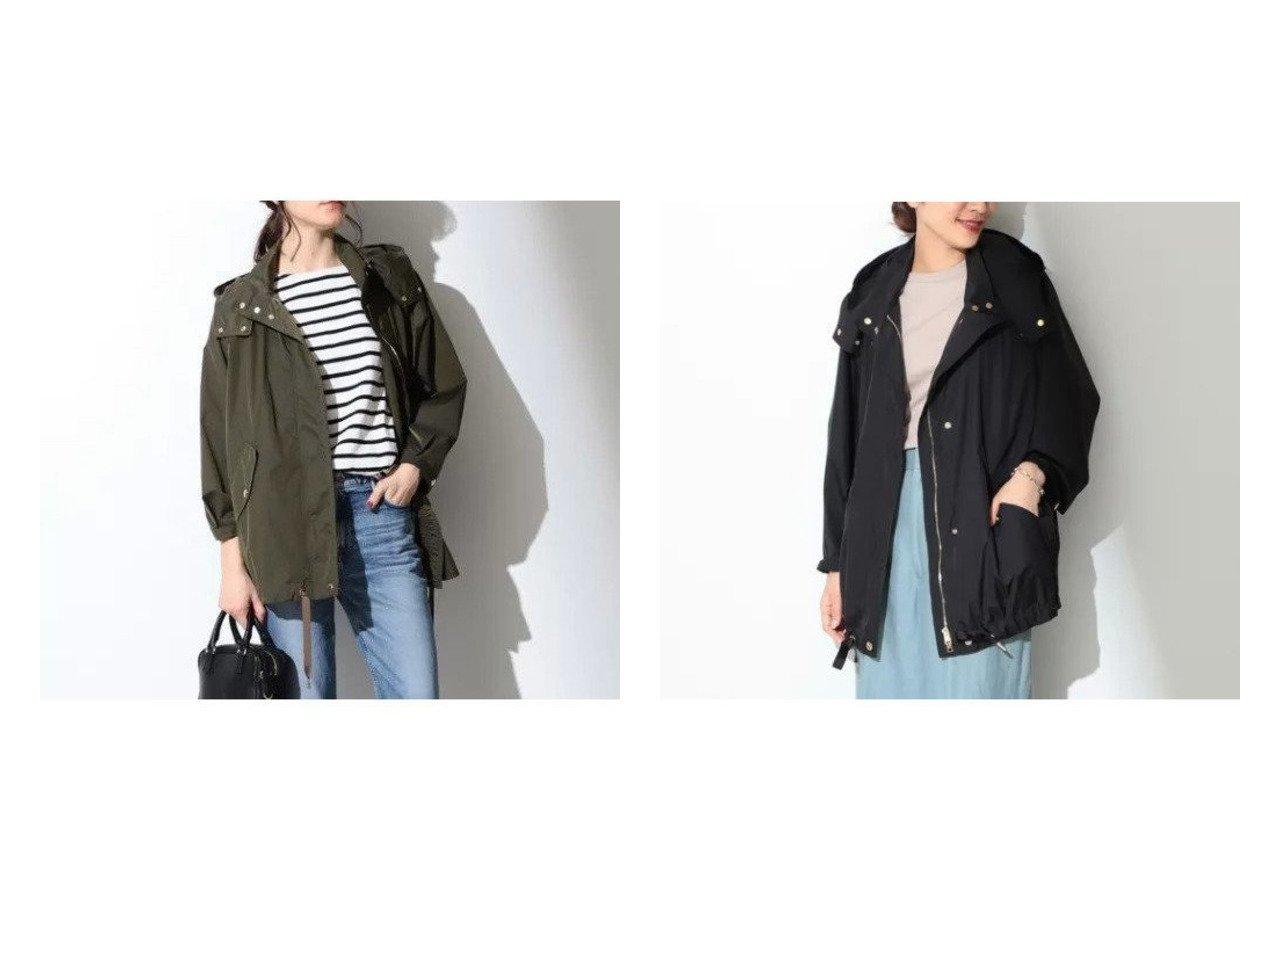 【Demi-Luxe BEAMS/デミルクス ビームス】のANORAK クリンクルナイロン フードコート アウターのおすすめ!人気、トレンド・レディースファッションの通販 おすすめで人気の流行・トレンド、ファッションの通販商品 メンズファッション・キッズファッション・インテリア・家具・レディースファッション・服の通販 founy(ファニー) https://founy.com/ ファッション Fashion レディースファッション WOMEN アウター Coat Outerwear コート Coats アウトドア 人気 バランス ファブリック ラグジュアリー |ID:crp329100000009352